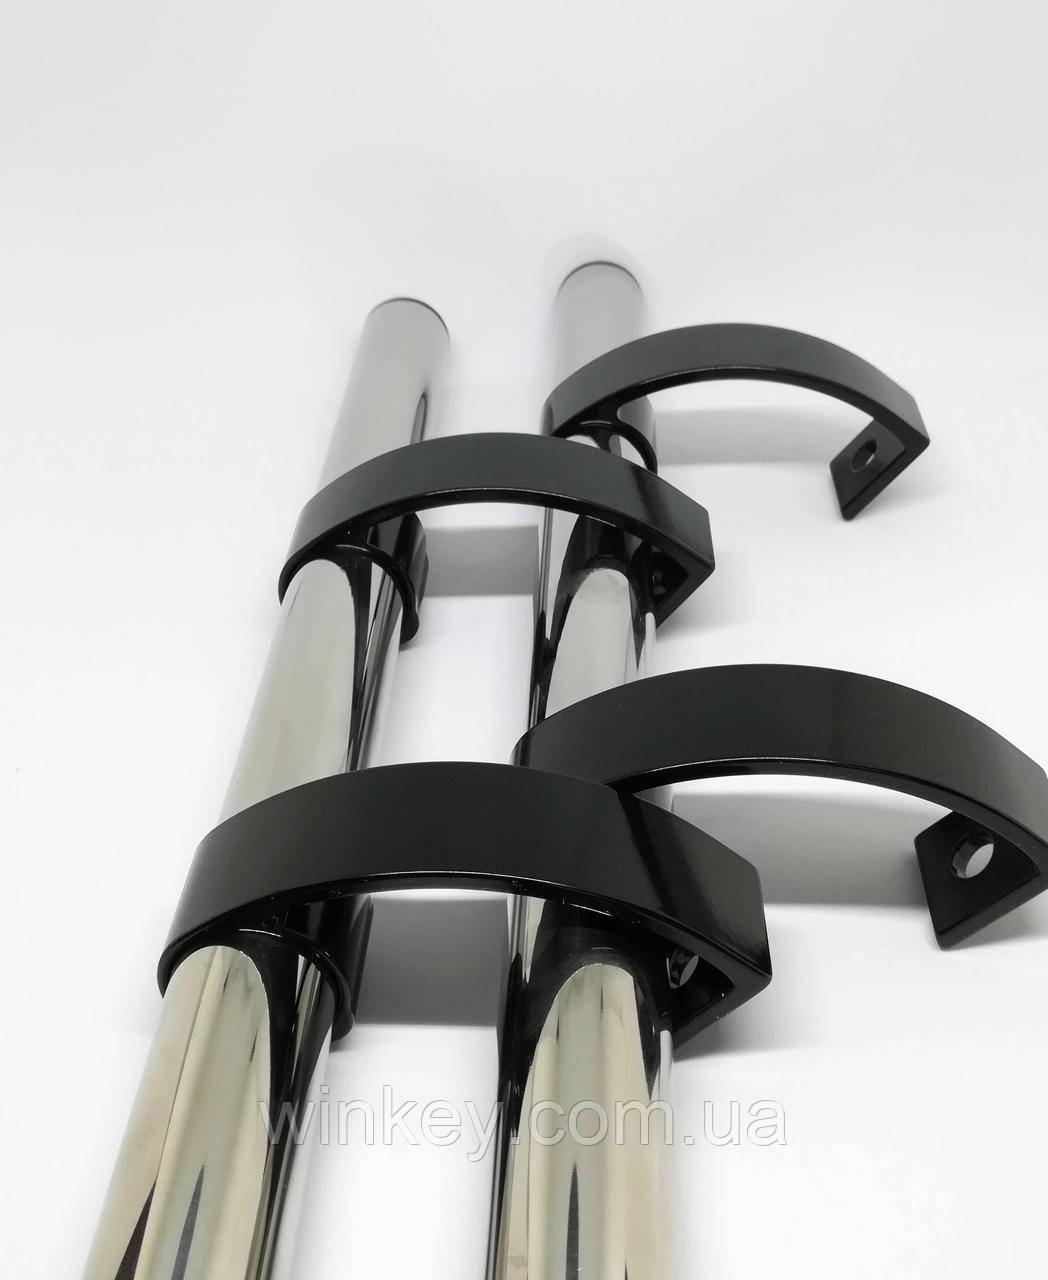 Ручка дверная офисная 1000 мм нержавейка с черными креплениями